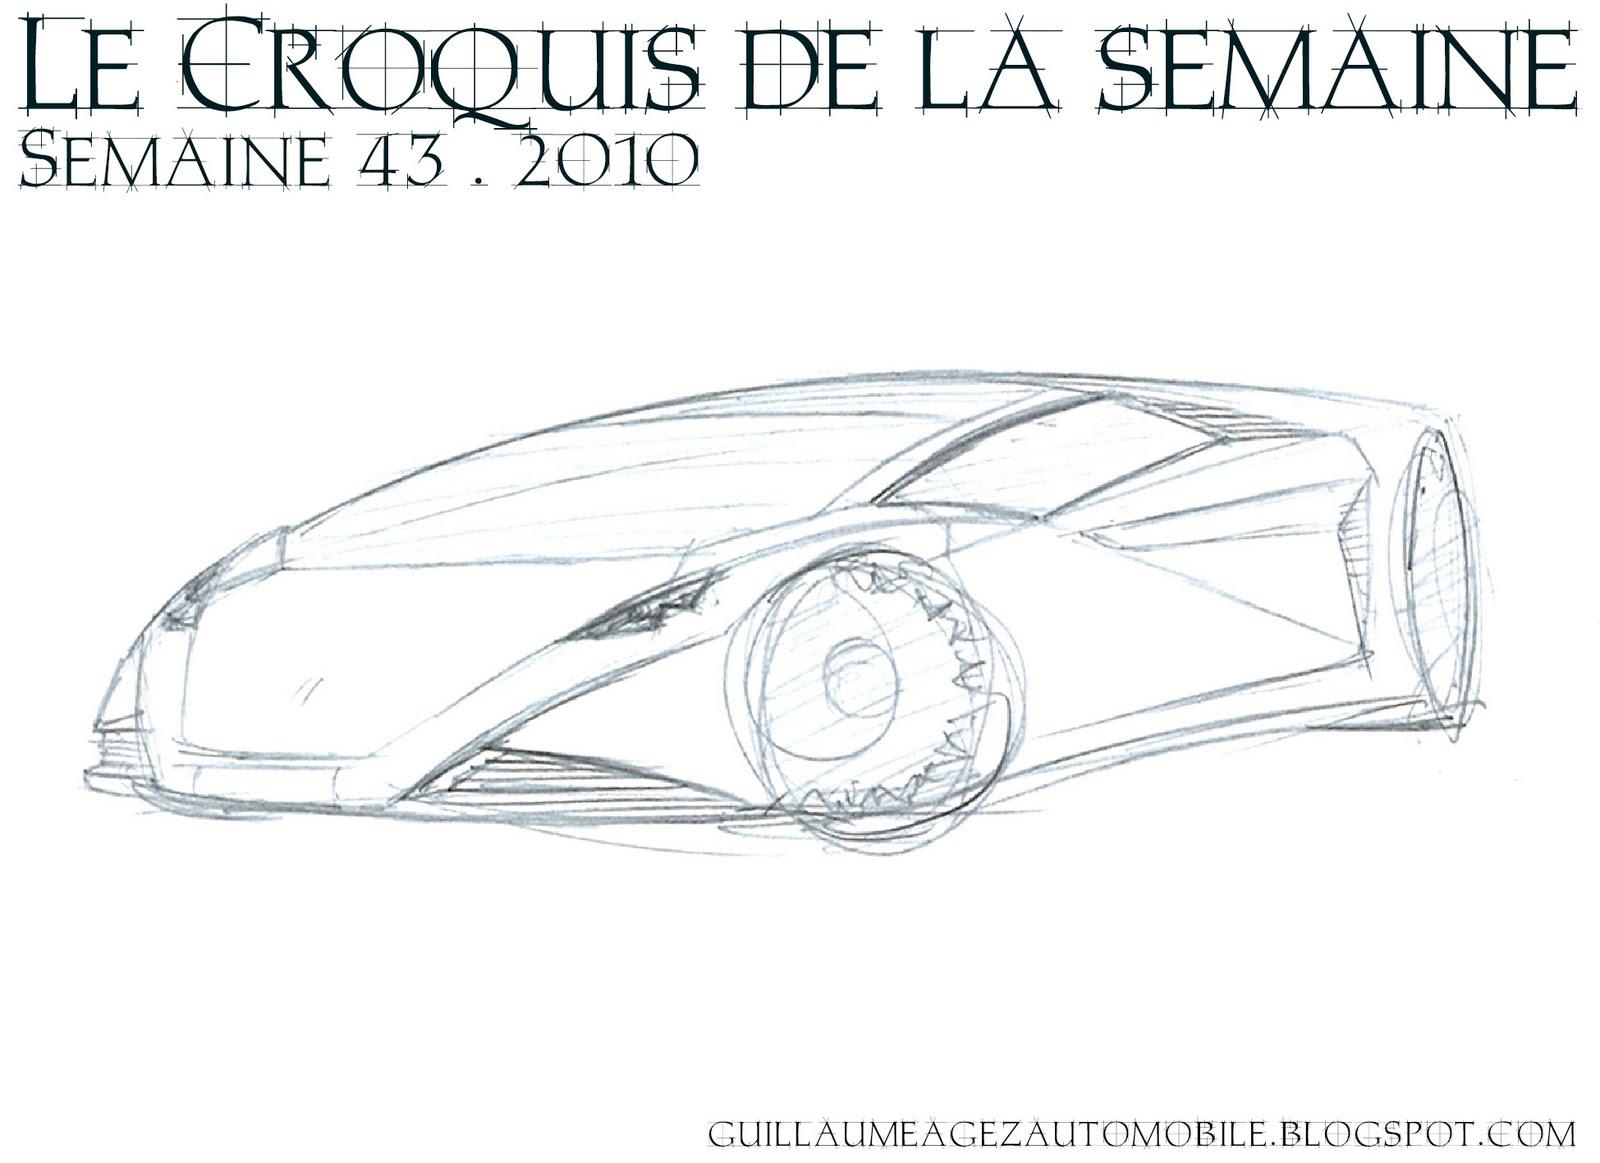 Guillaume AGEZ Automobile: Le Croquis De La Semaine (43